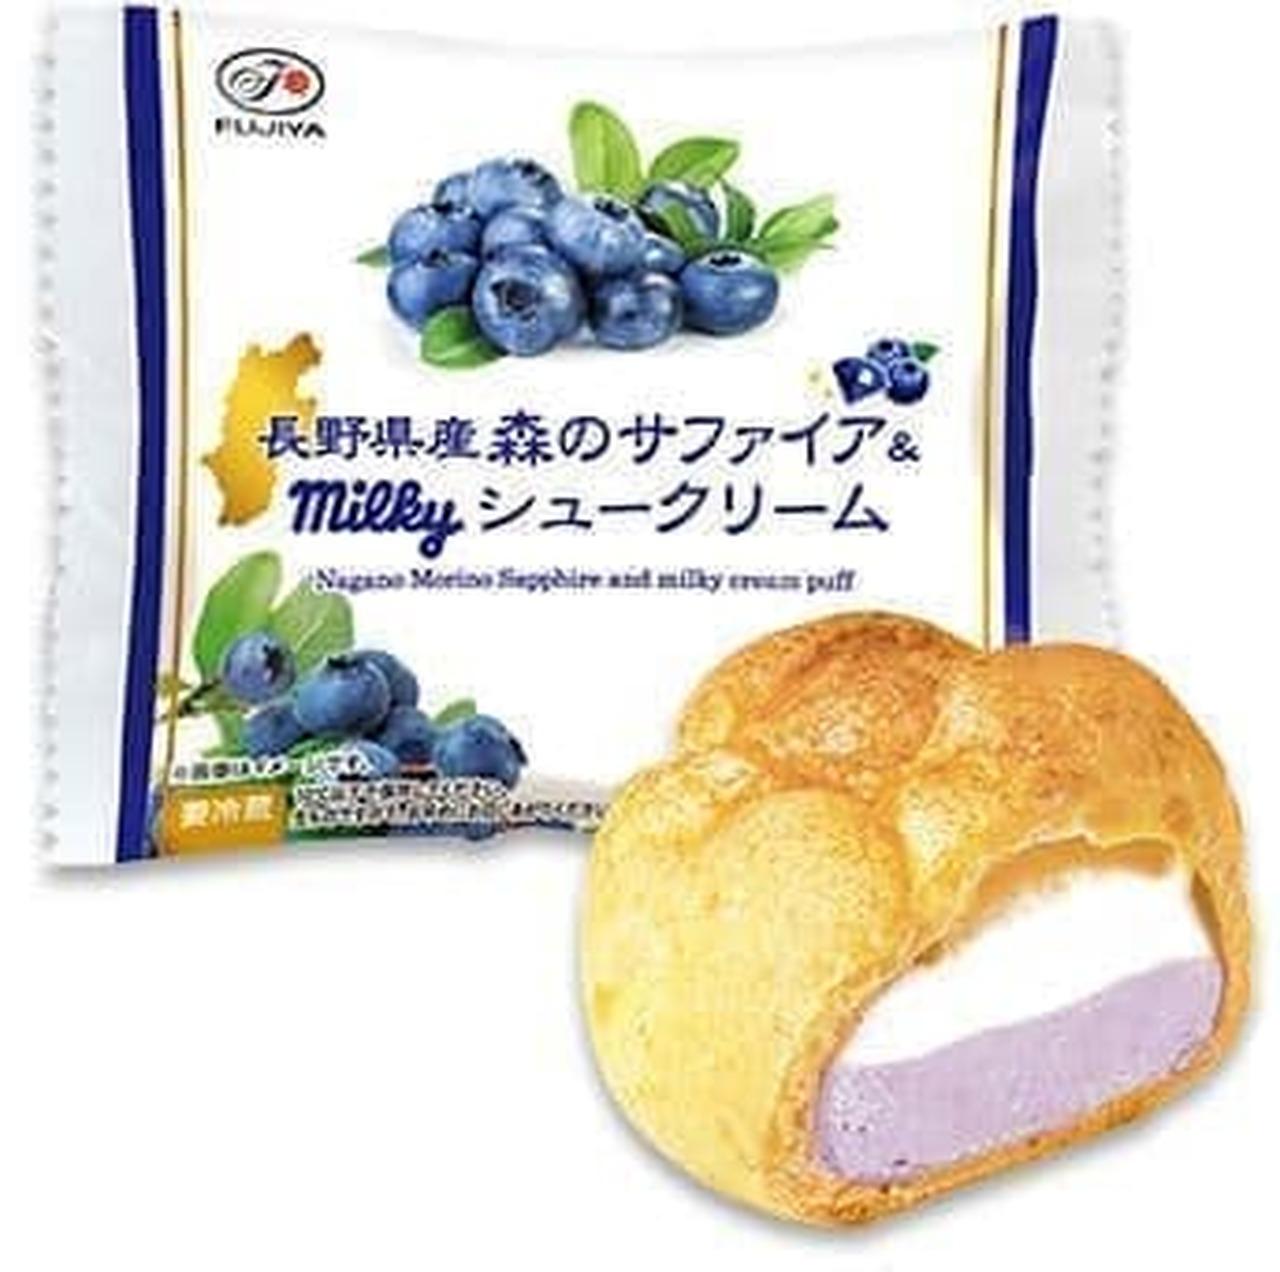 不二家洋菓子店「長野県産森のサファイア&ミルキーシュークリーム」